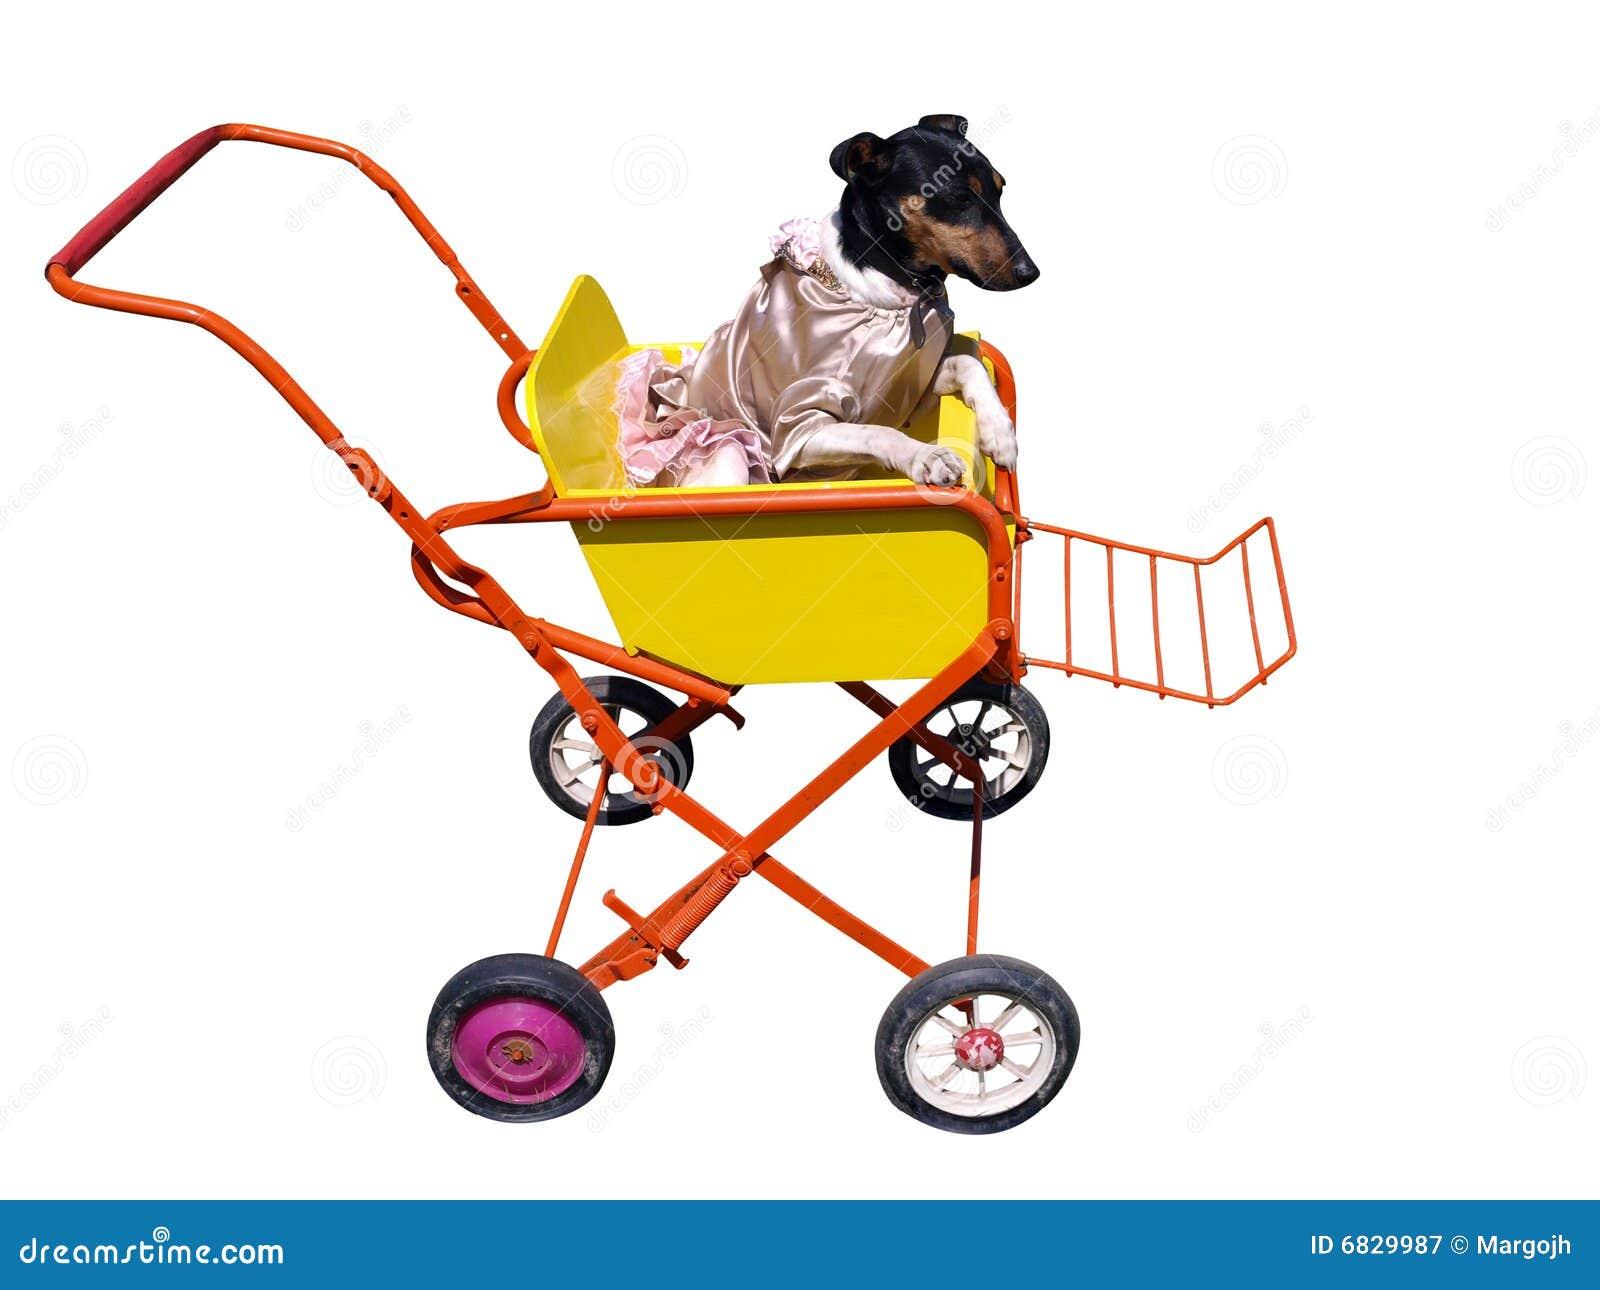 hund im kinderwagen stockbild bild von abgebrochen kleid. Black Bedroom Furniture Sets. Home Design Ideas